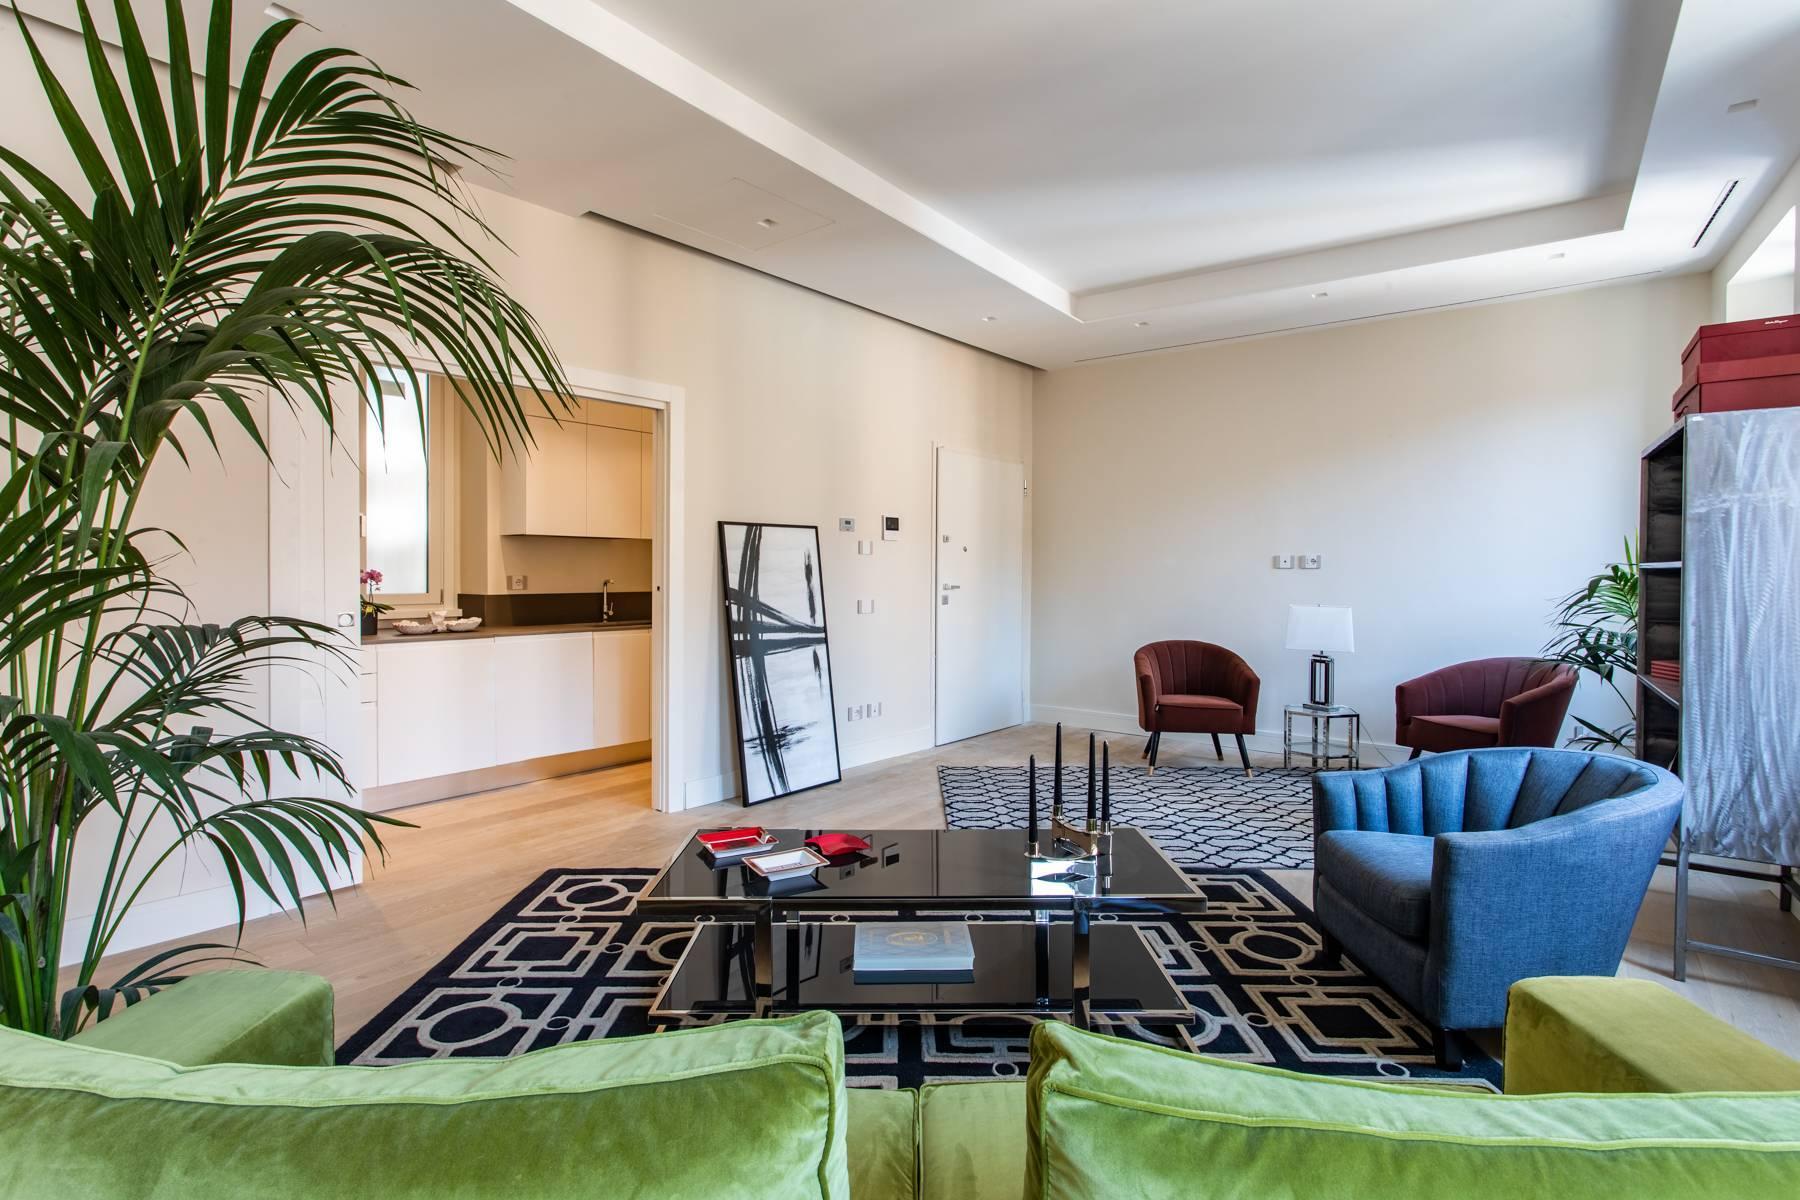 Appartamento di lusso nei pressi di Piazza di Spagna - 5